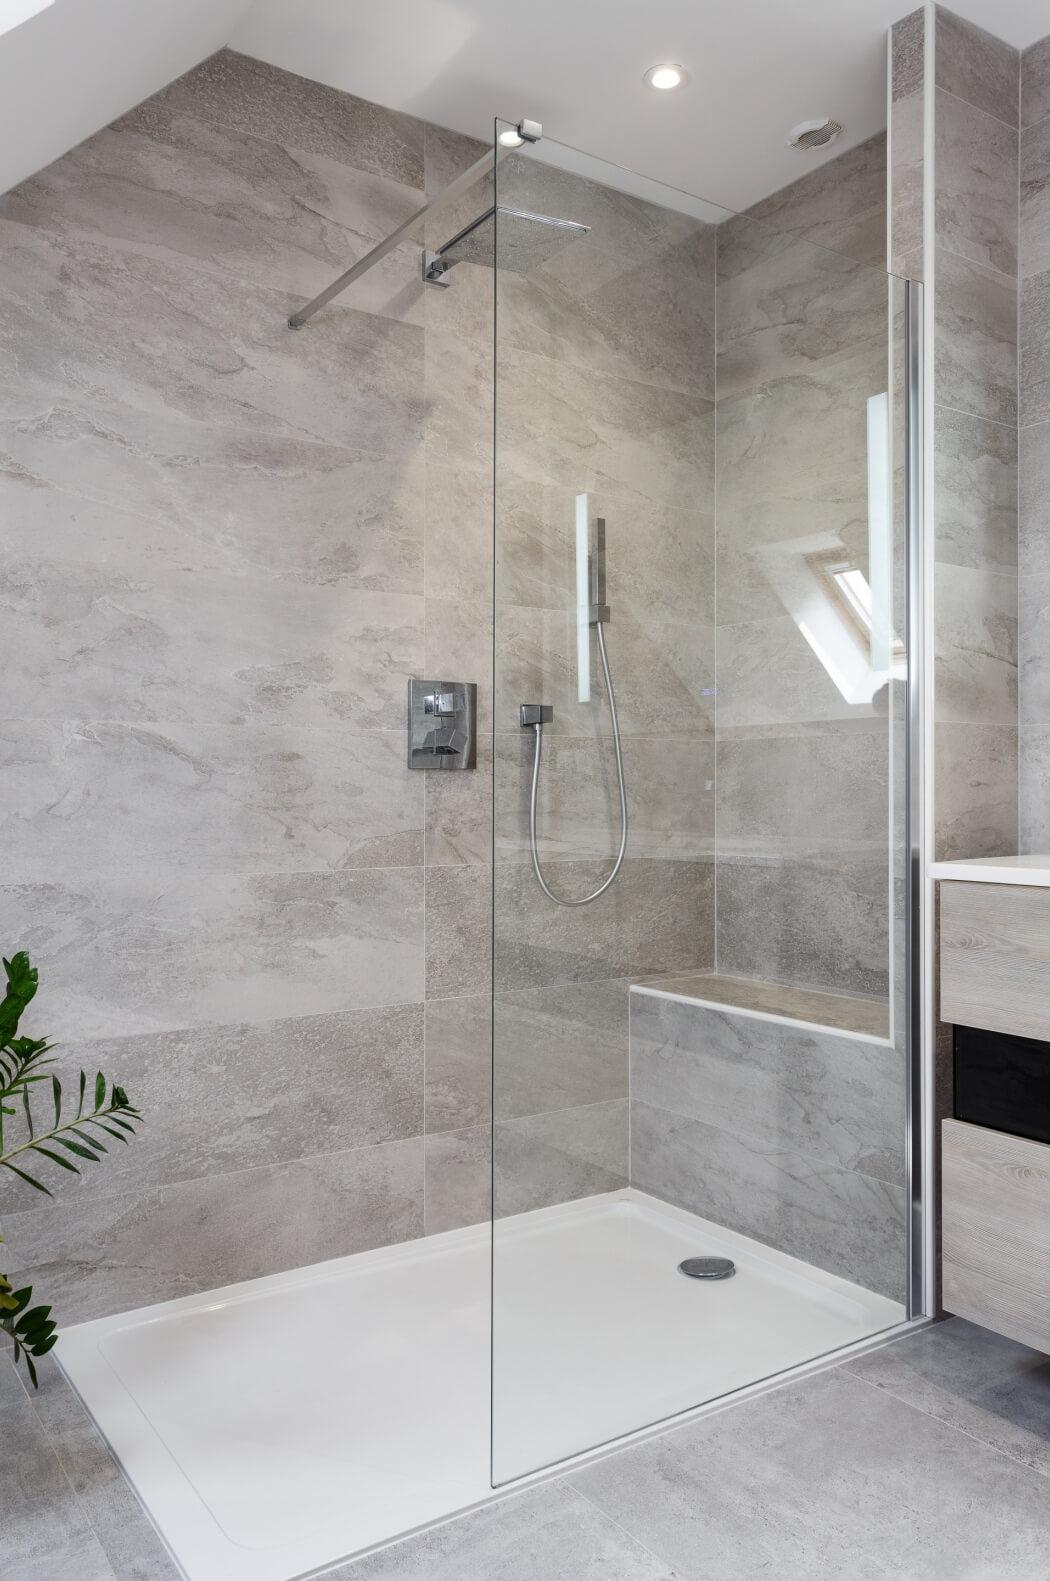 Ambiance naturelle et reposante dans cette salle de bain rénovée avec douche italienne